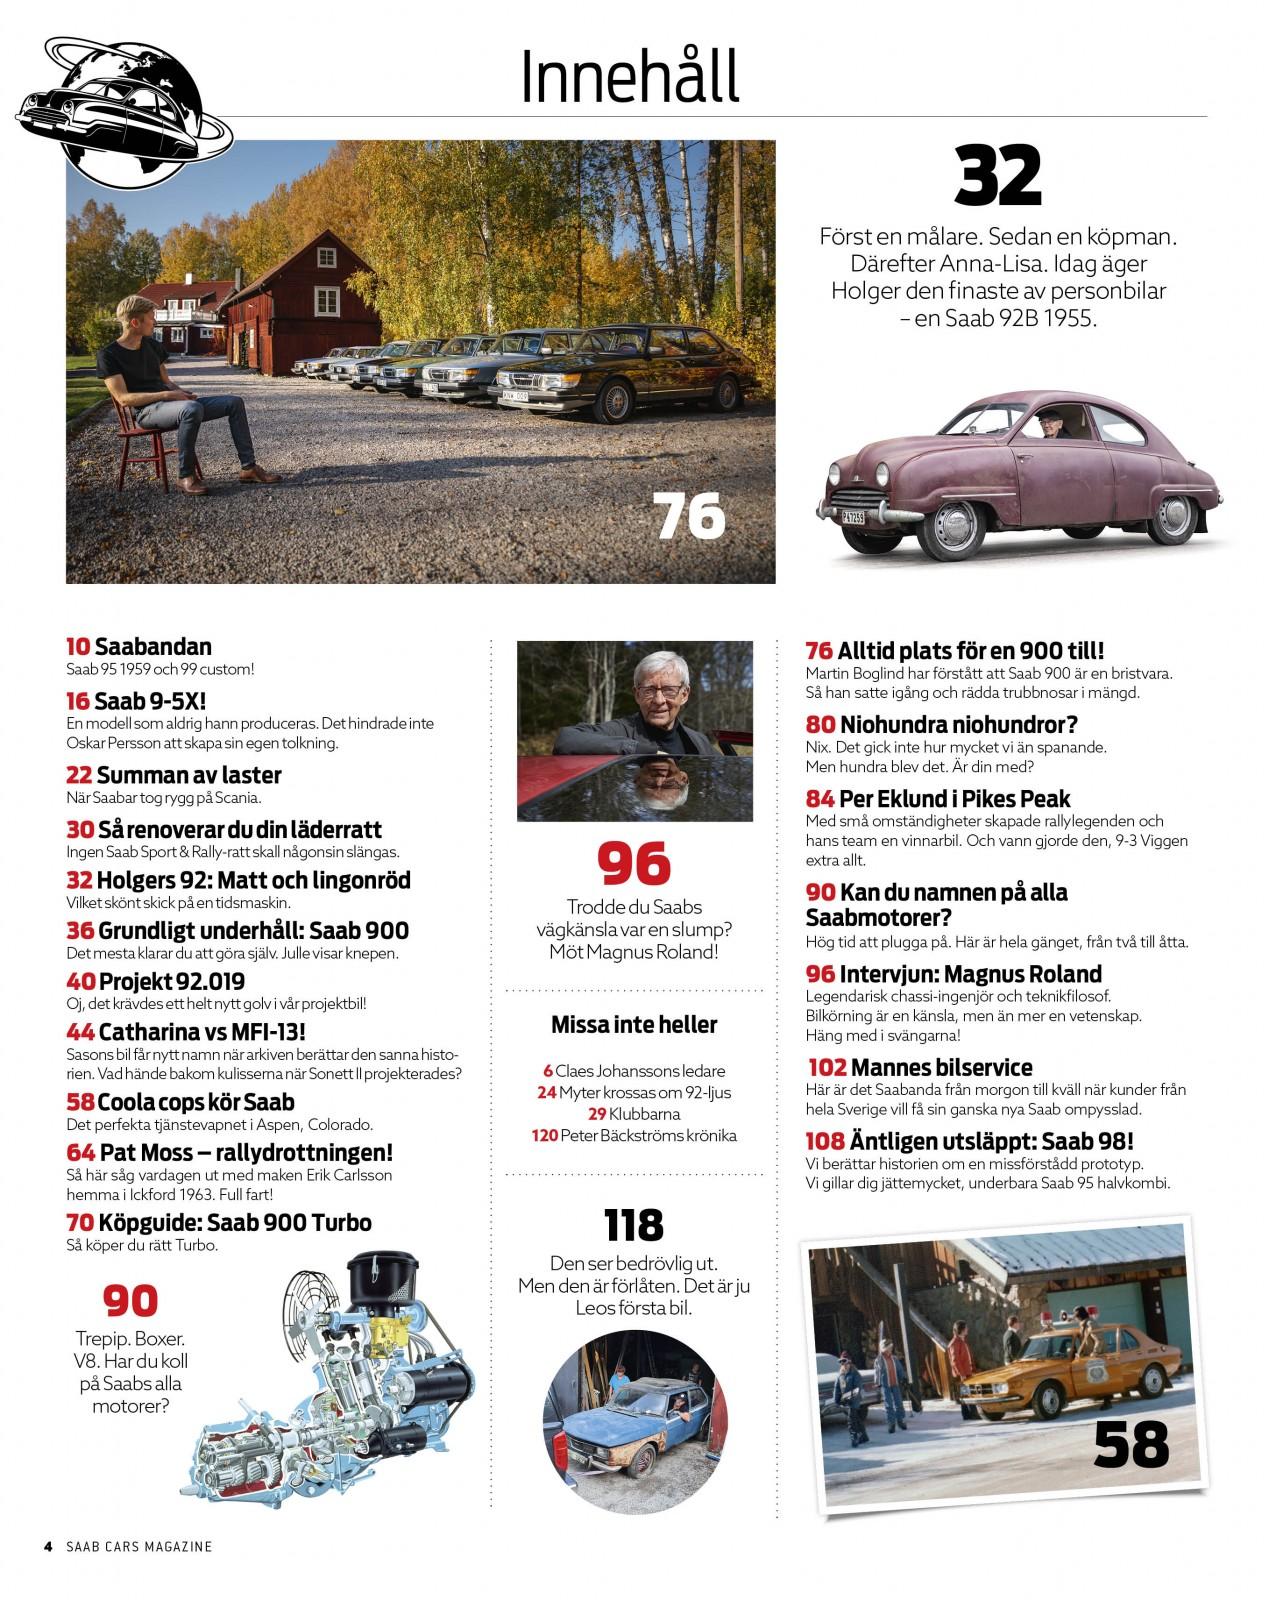 Saab Cars Magazine #6 – Peak performance!